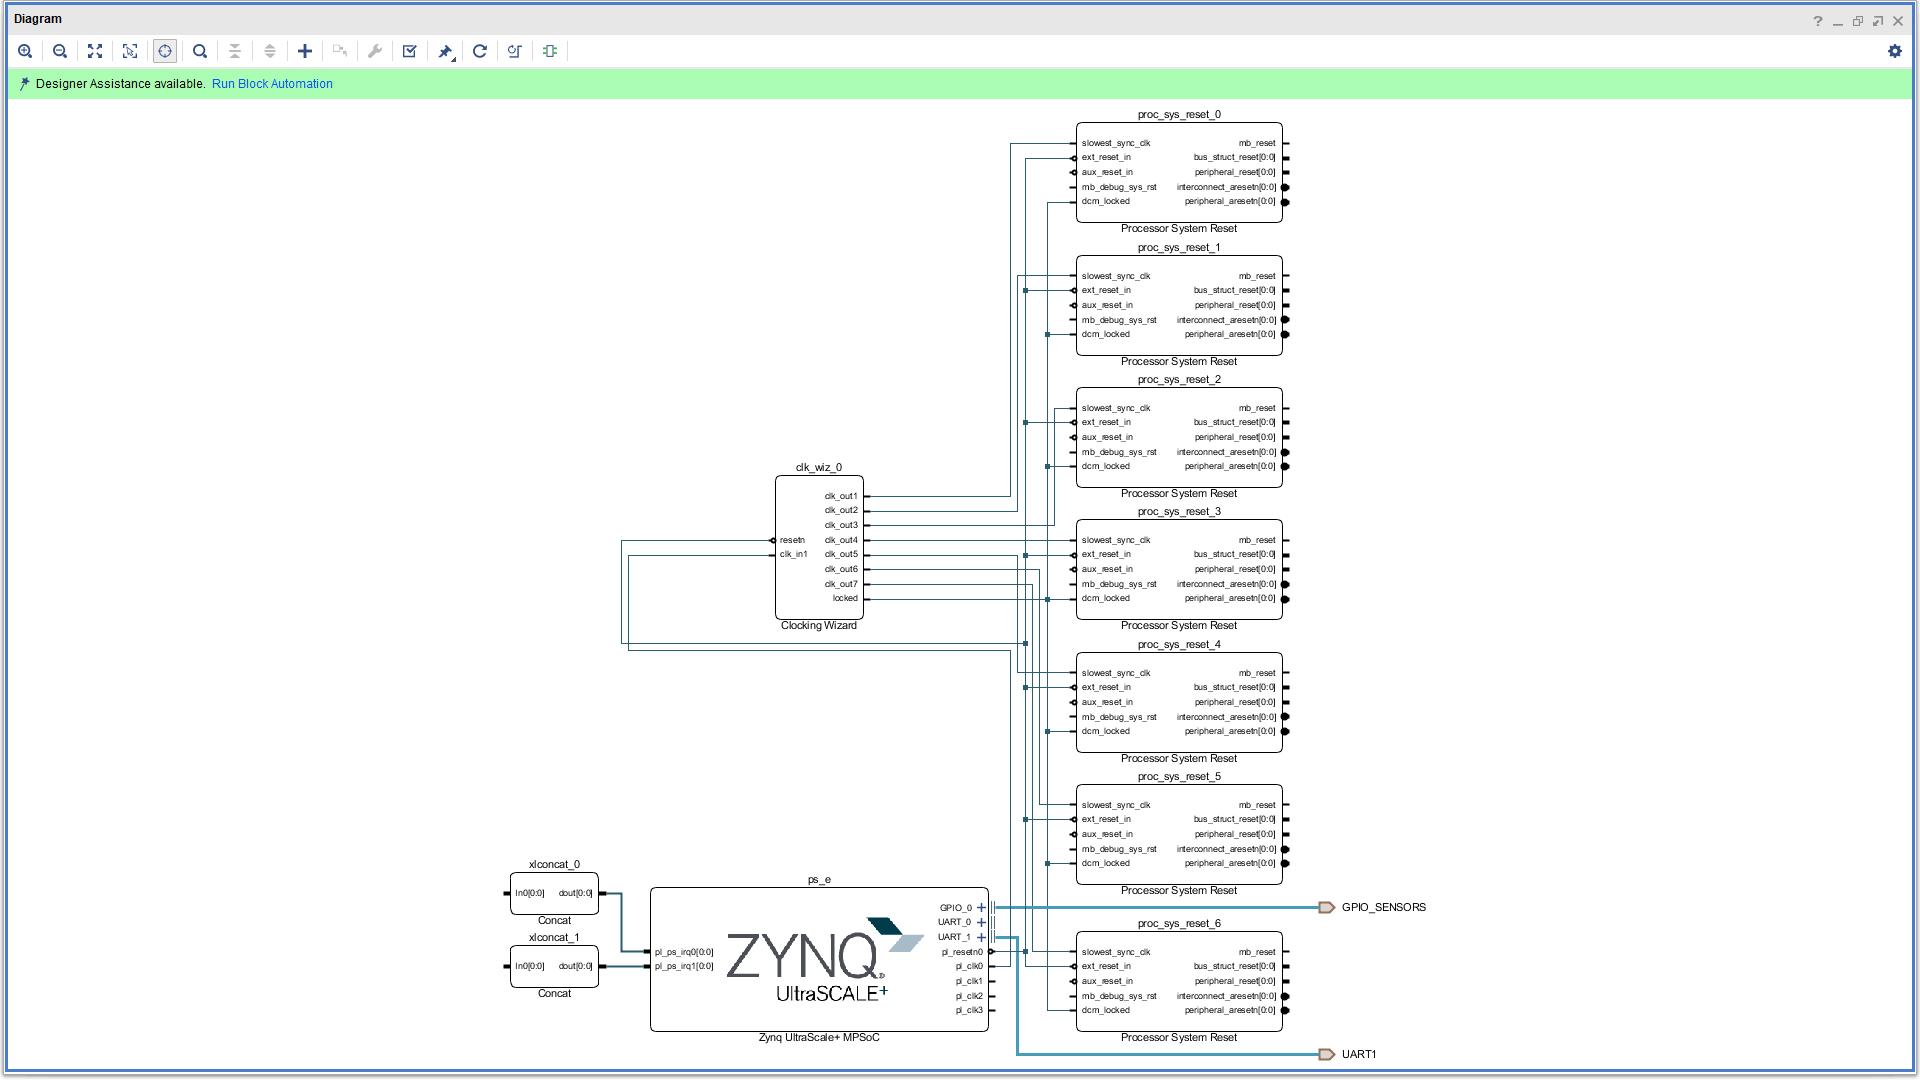 ultra96 sdsoc platform · Issue #7 · Avnet/Ultra96-PYNQ · GitHub